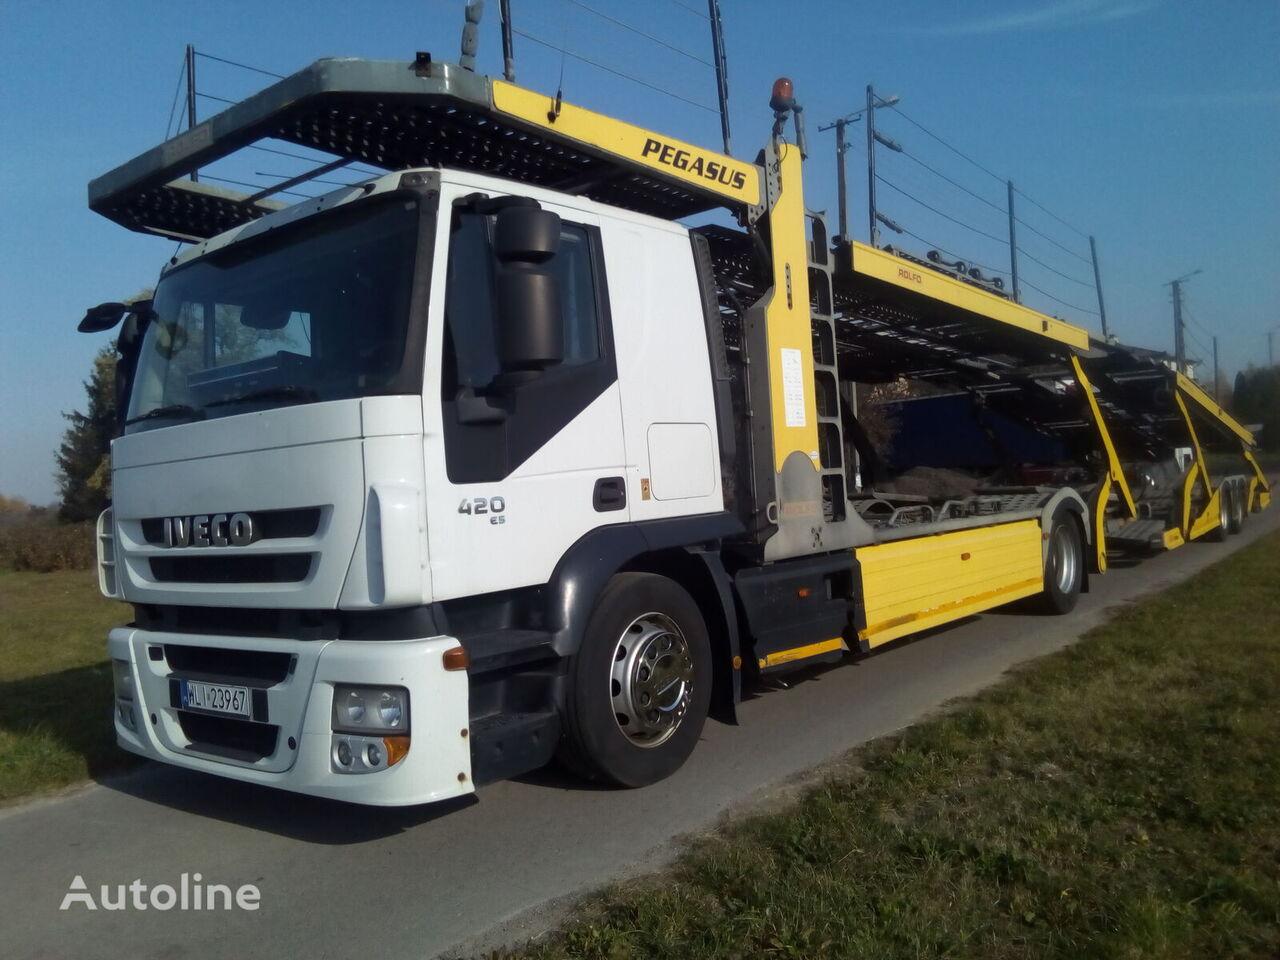 ciężarówka do przewozu samochodów IVECO LORA + przyczepa do przewozu samochodów